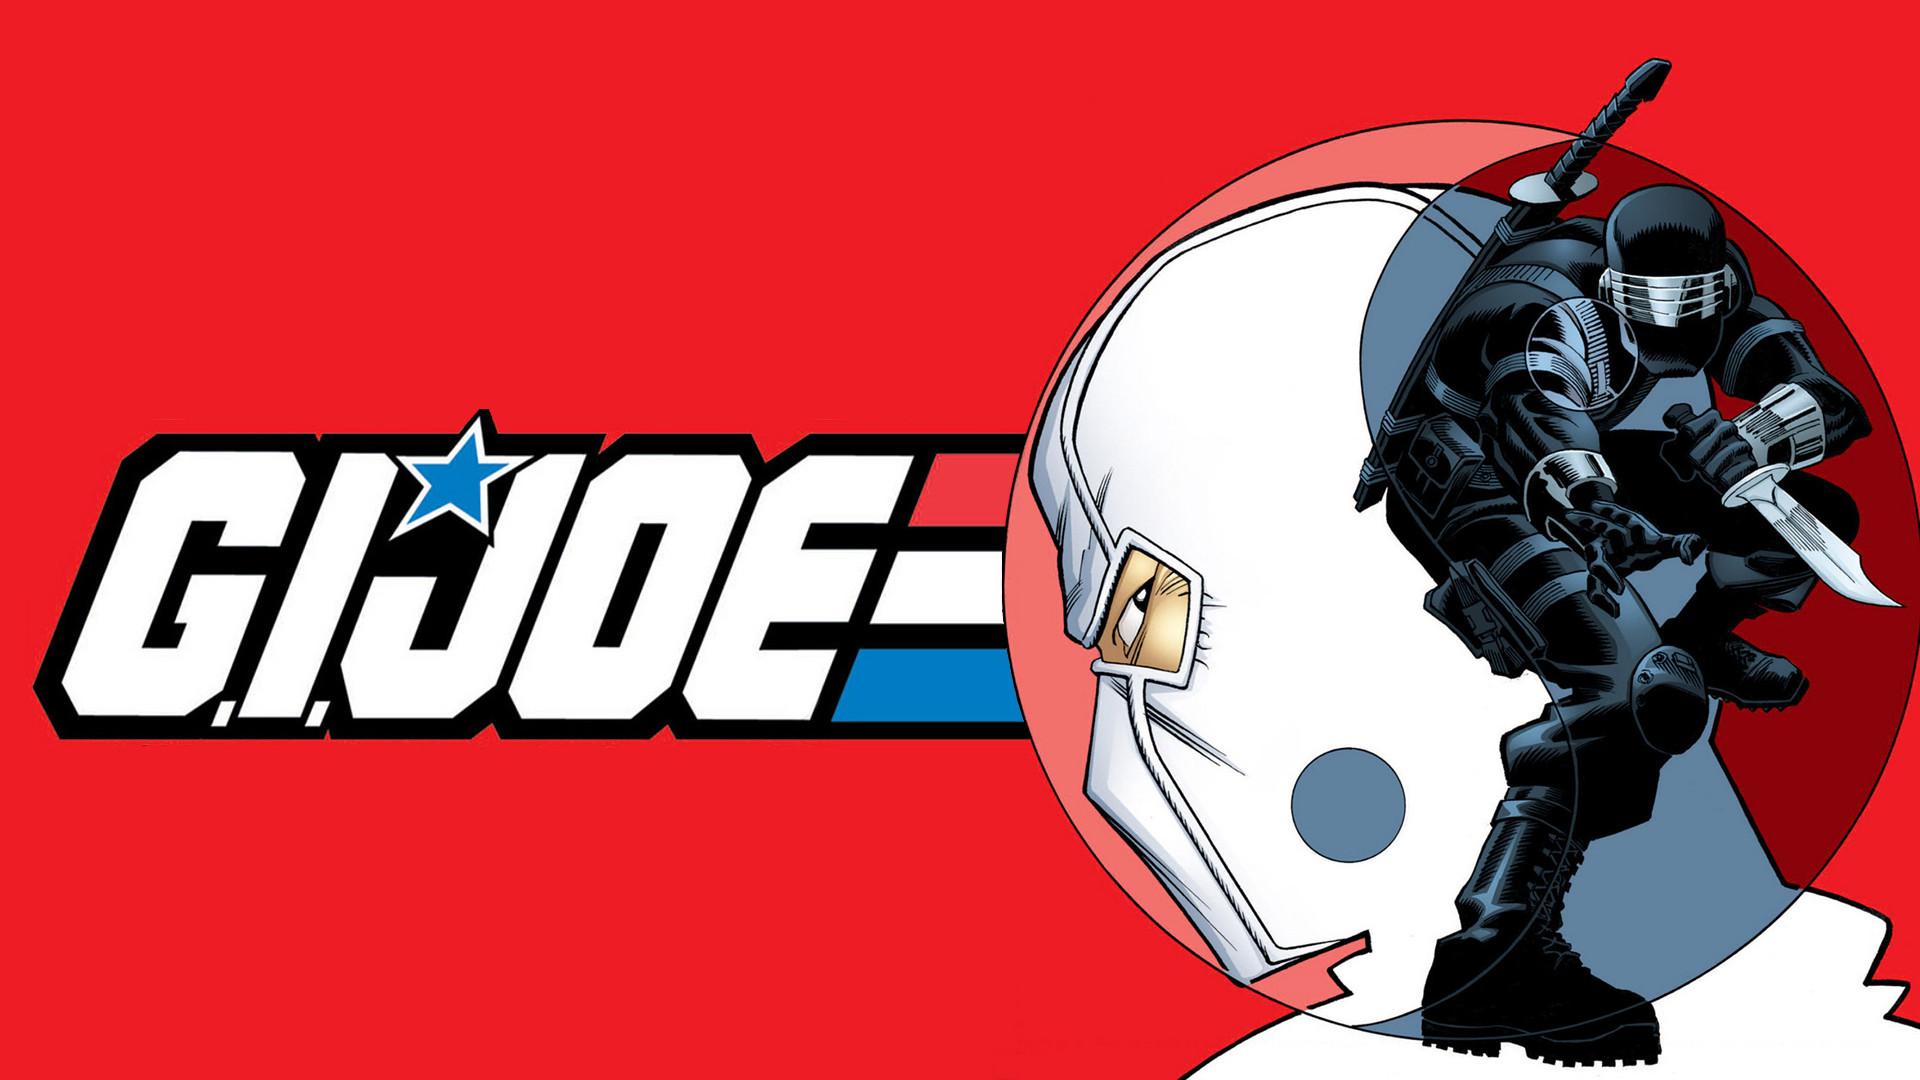 Comics – G.I. Joe: A Real American Hero Snake Eyes (G.I. Joe) Wallpaper